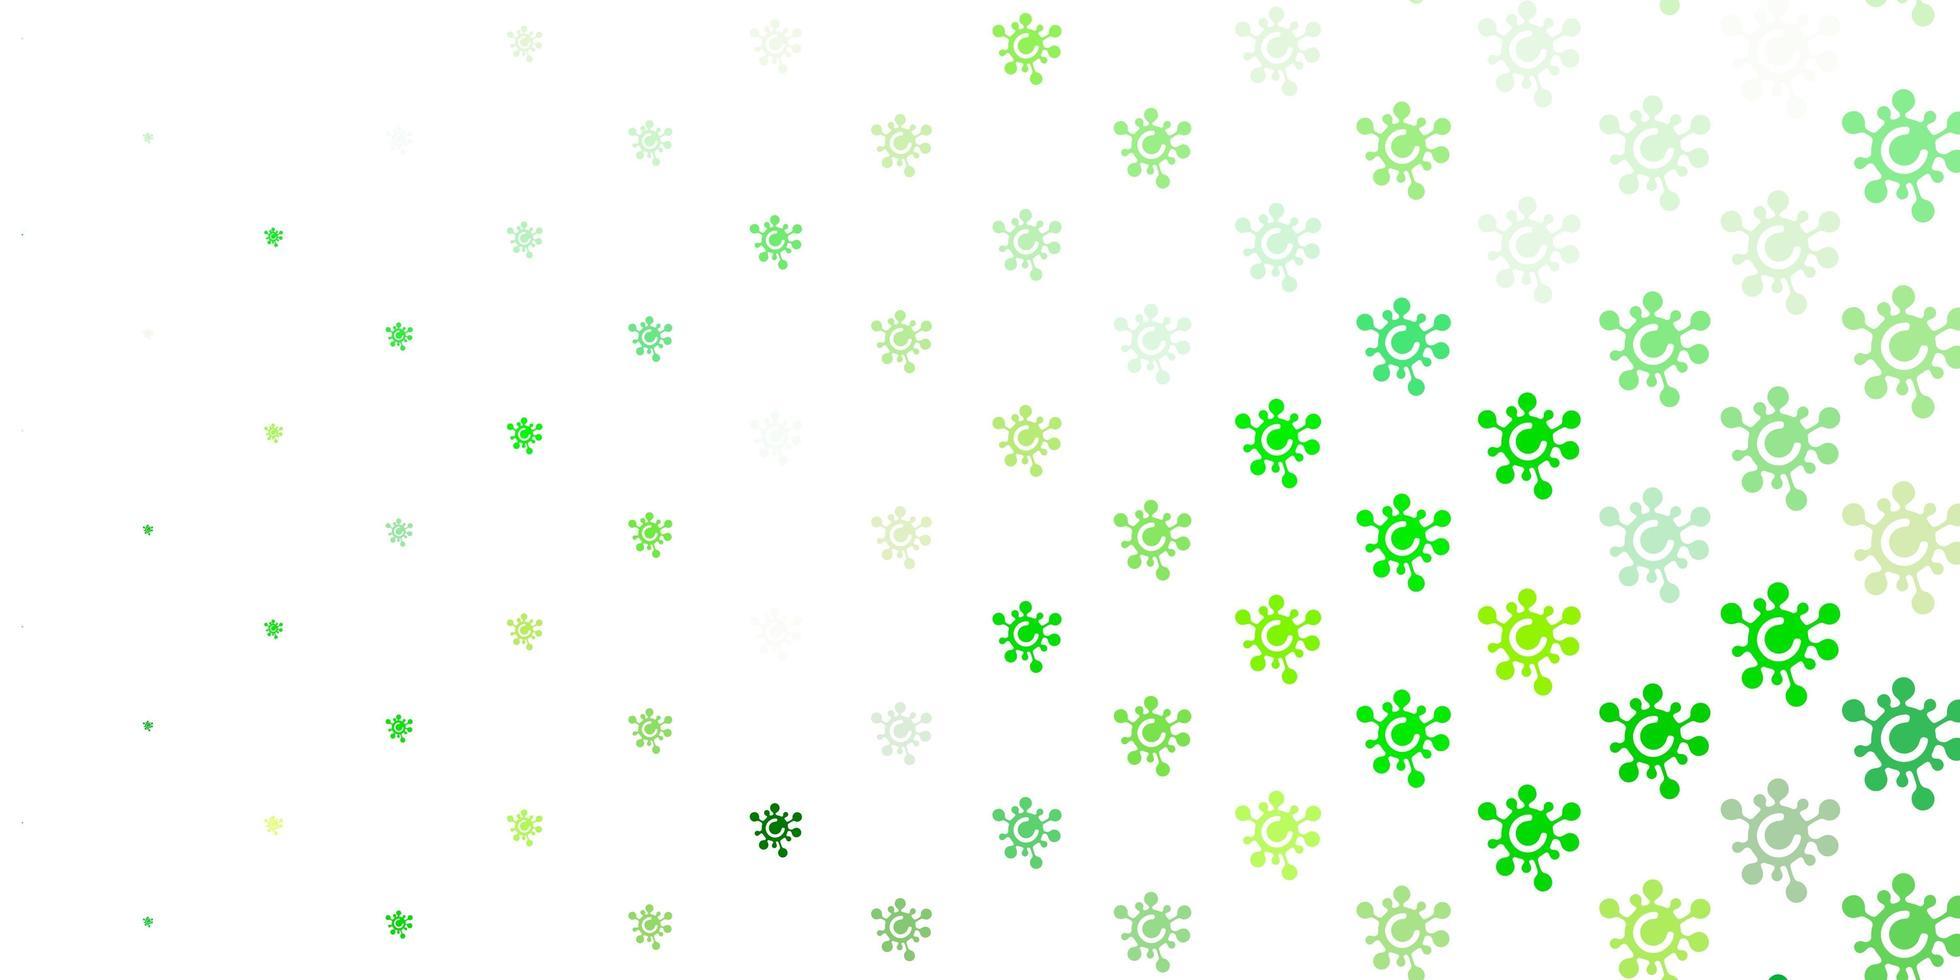 modelo de vetor verde claro e amarelo com sinais de gripe